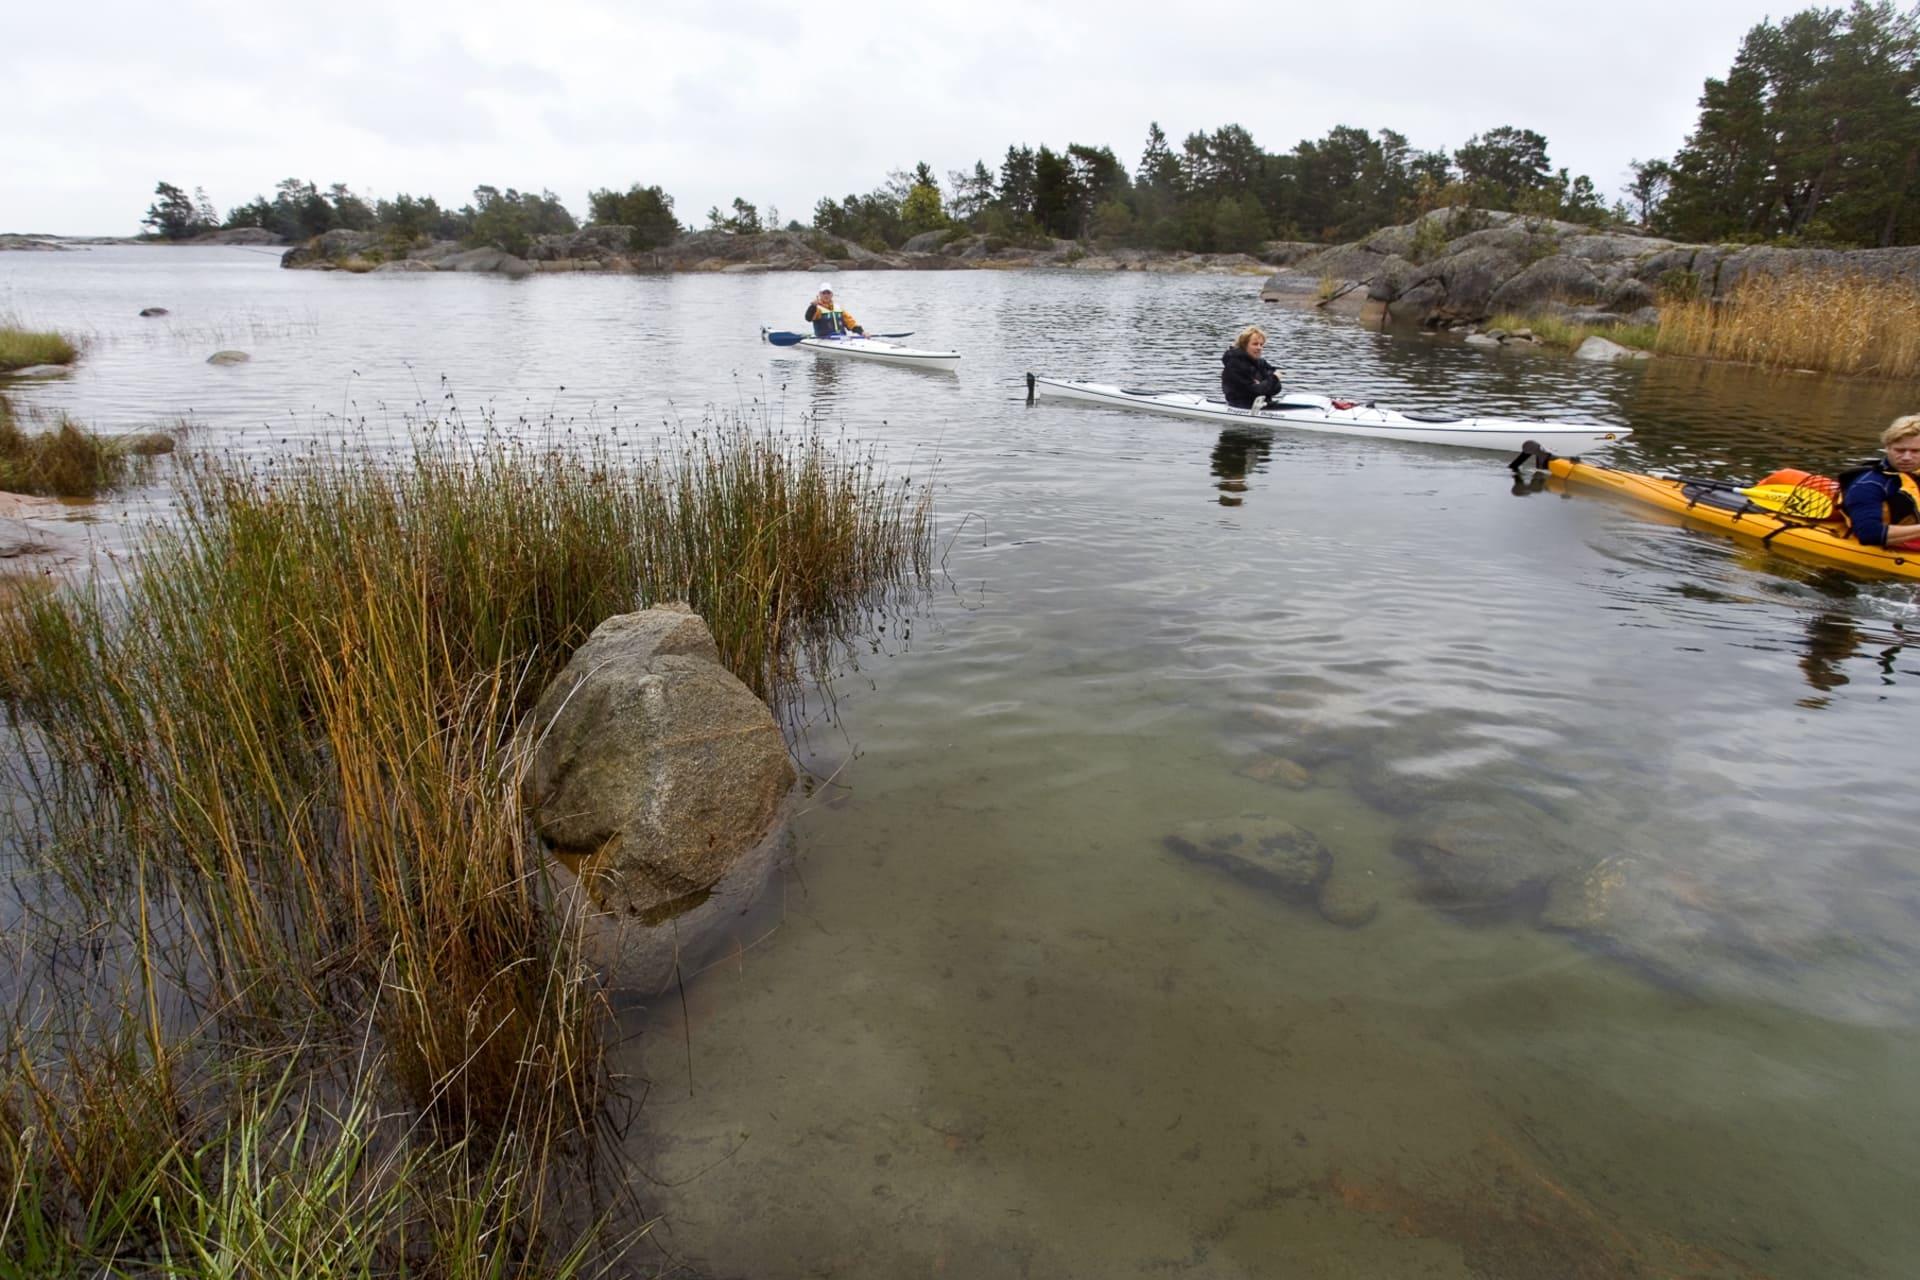 Söder om Gräsö är skärgården trång och full av smala grunda sund. Här kommer bara kajaker fram, inte andra båtar.